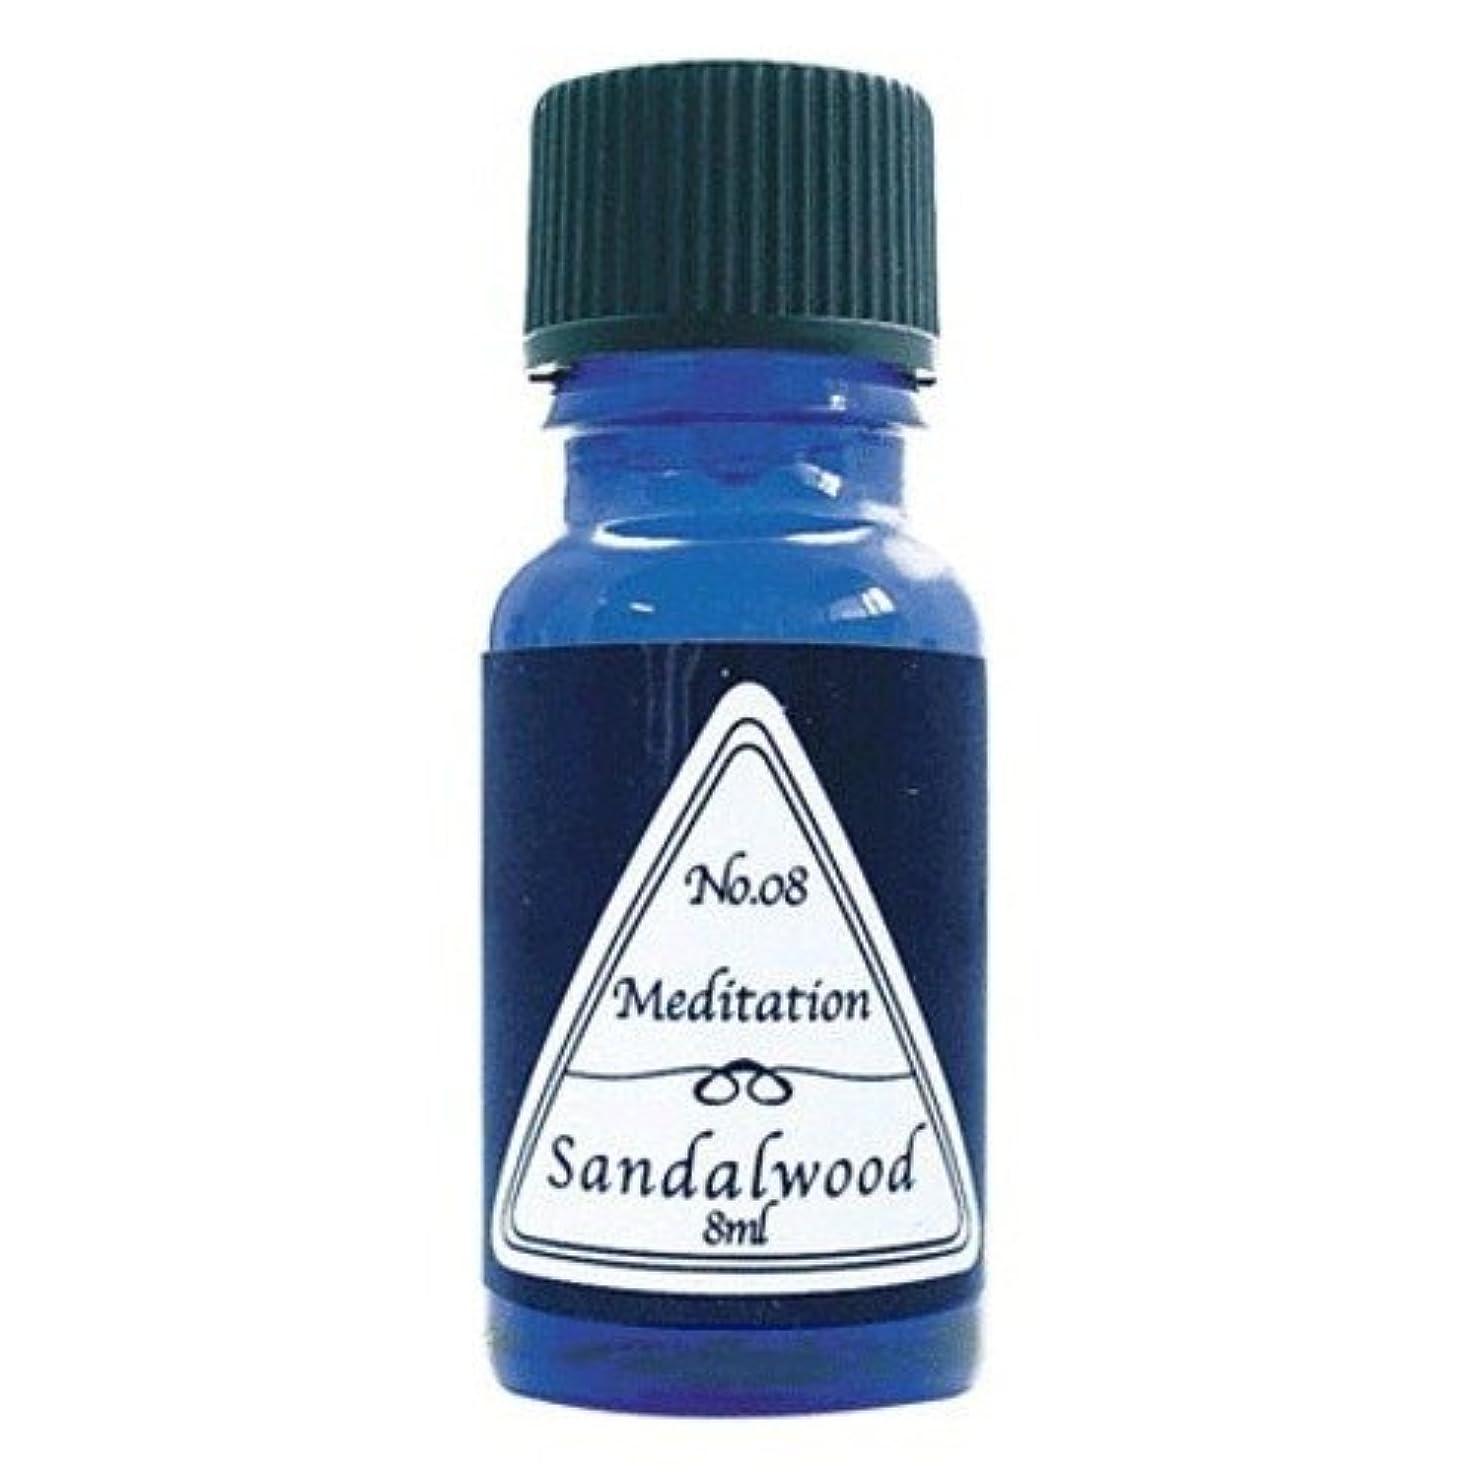 水銀のメモ水アロマエッセンス ブルーラベル サンダルウッド 8ml